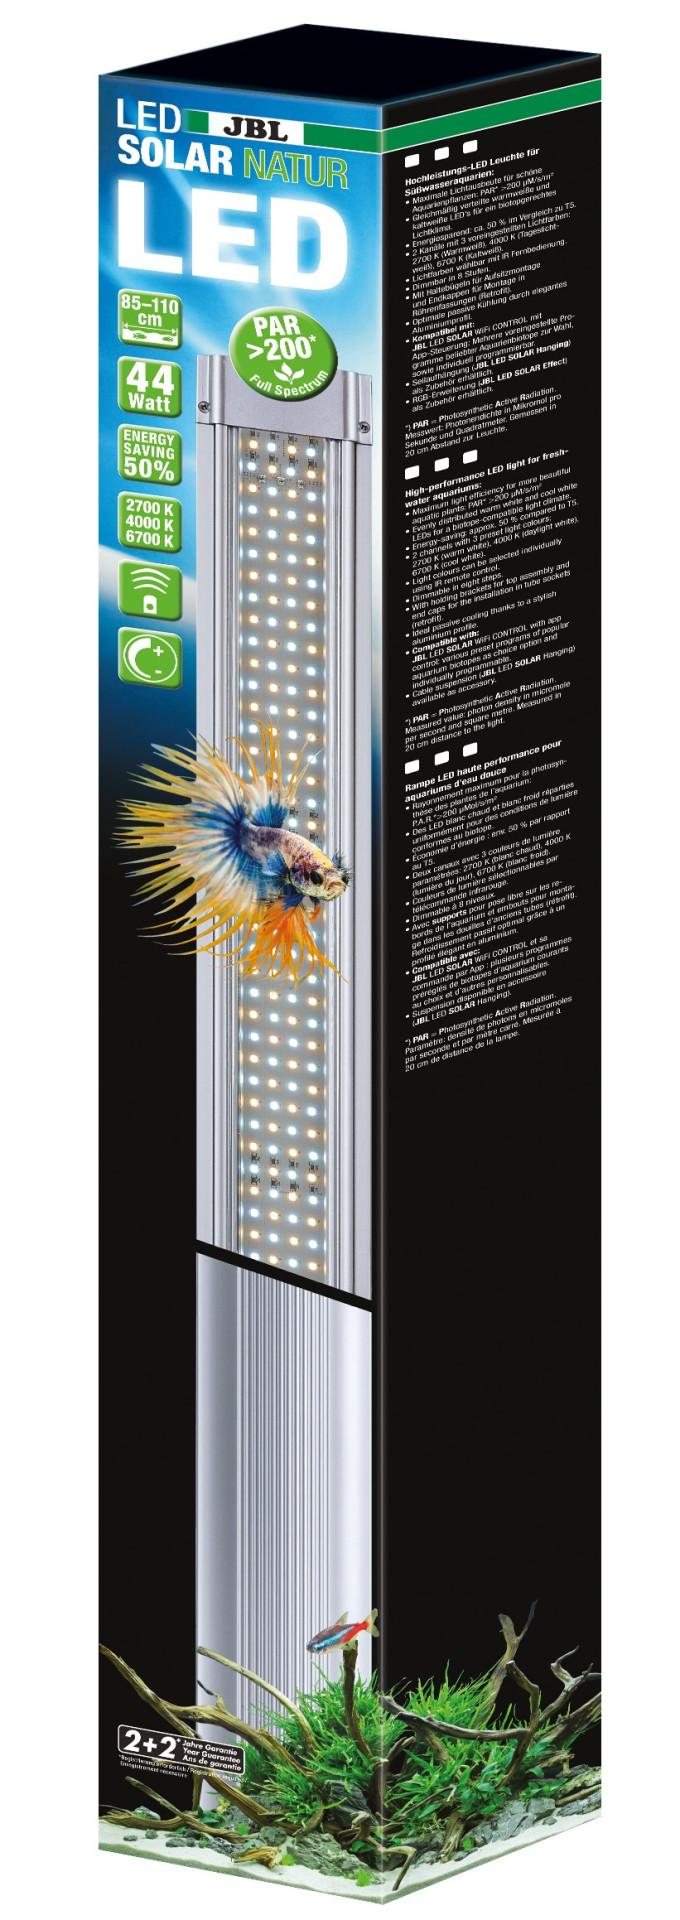 JBL ledverlichting Solar Natur 849/895 mm <br>44 watt